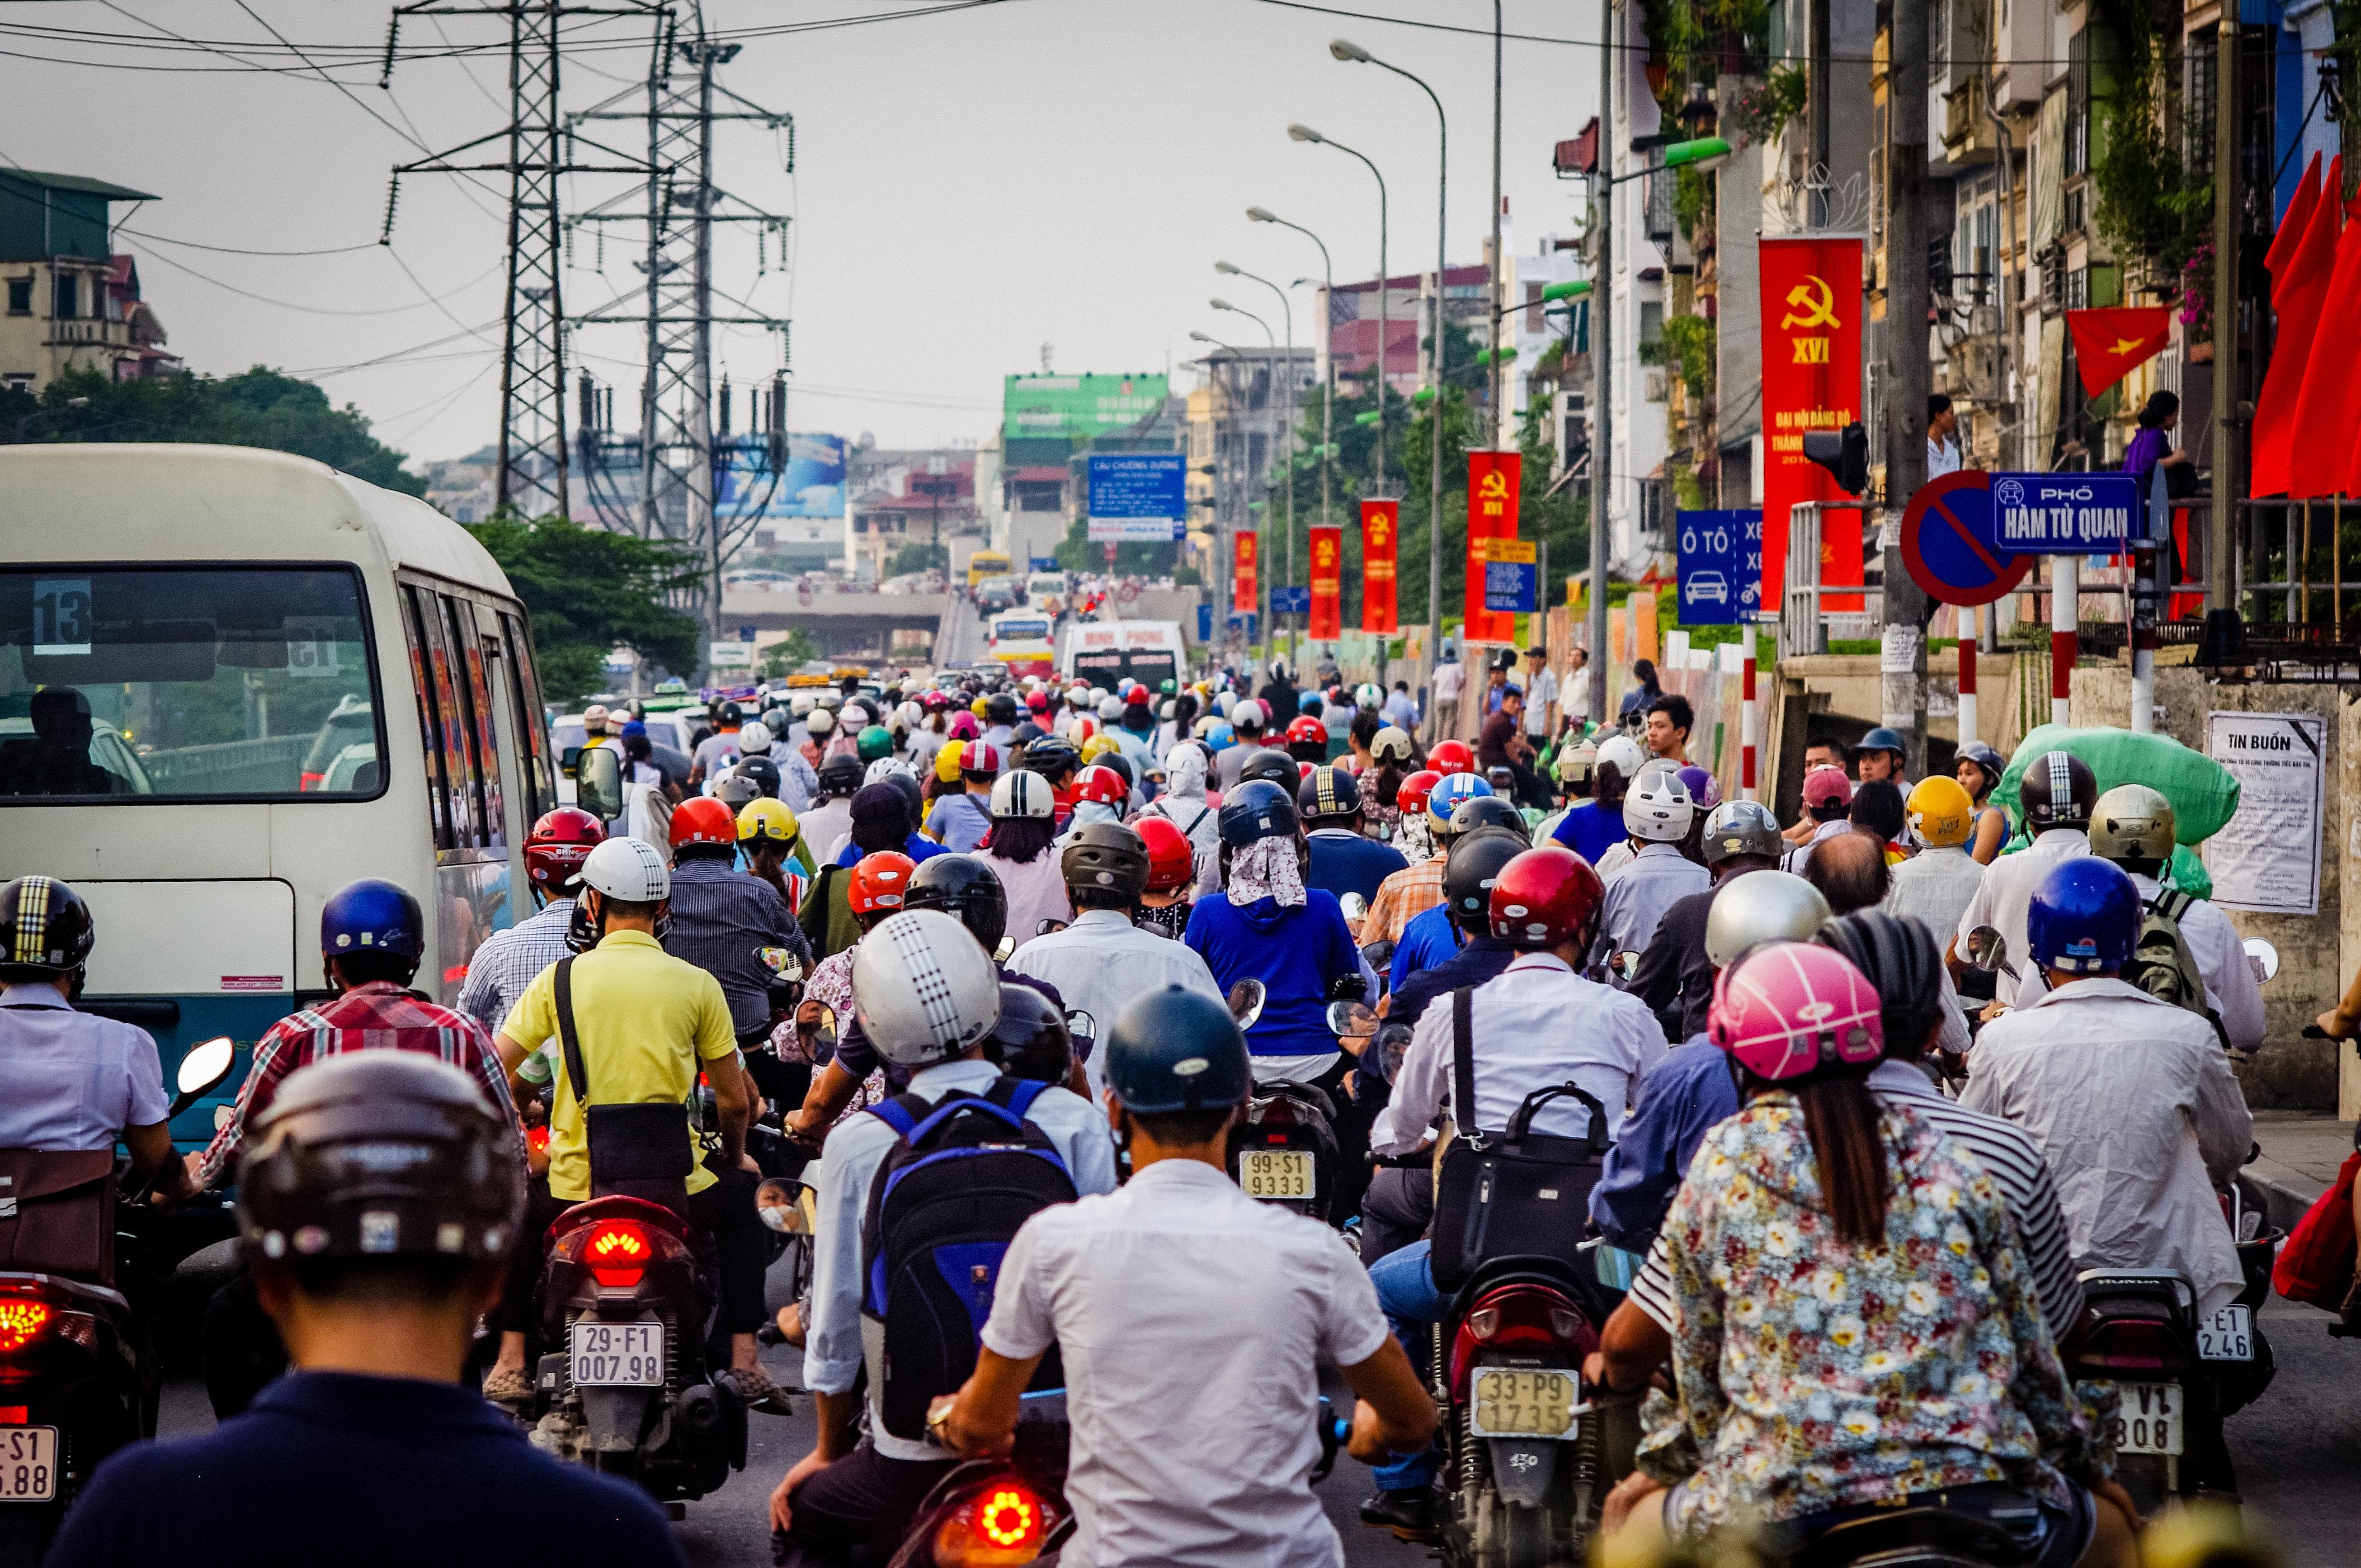 Δρακόντειος νόμος στο Βιετνάμ για τη λειτουργία του